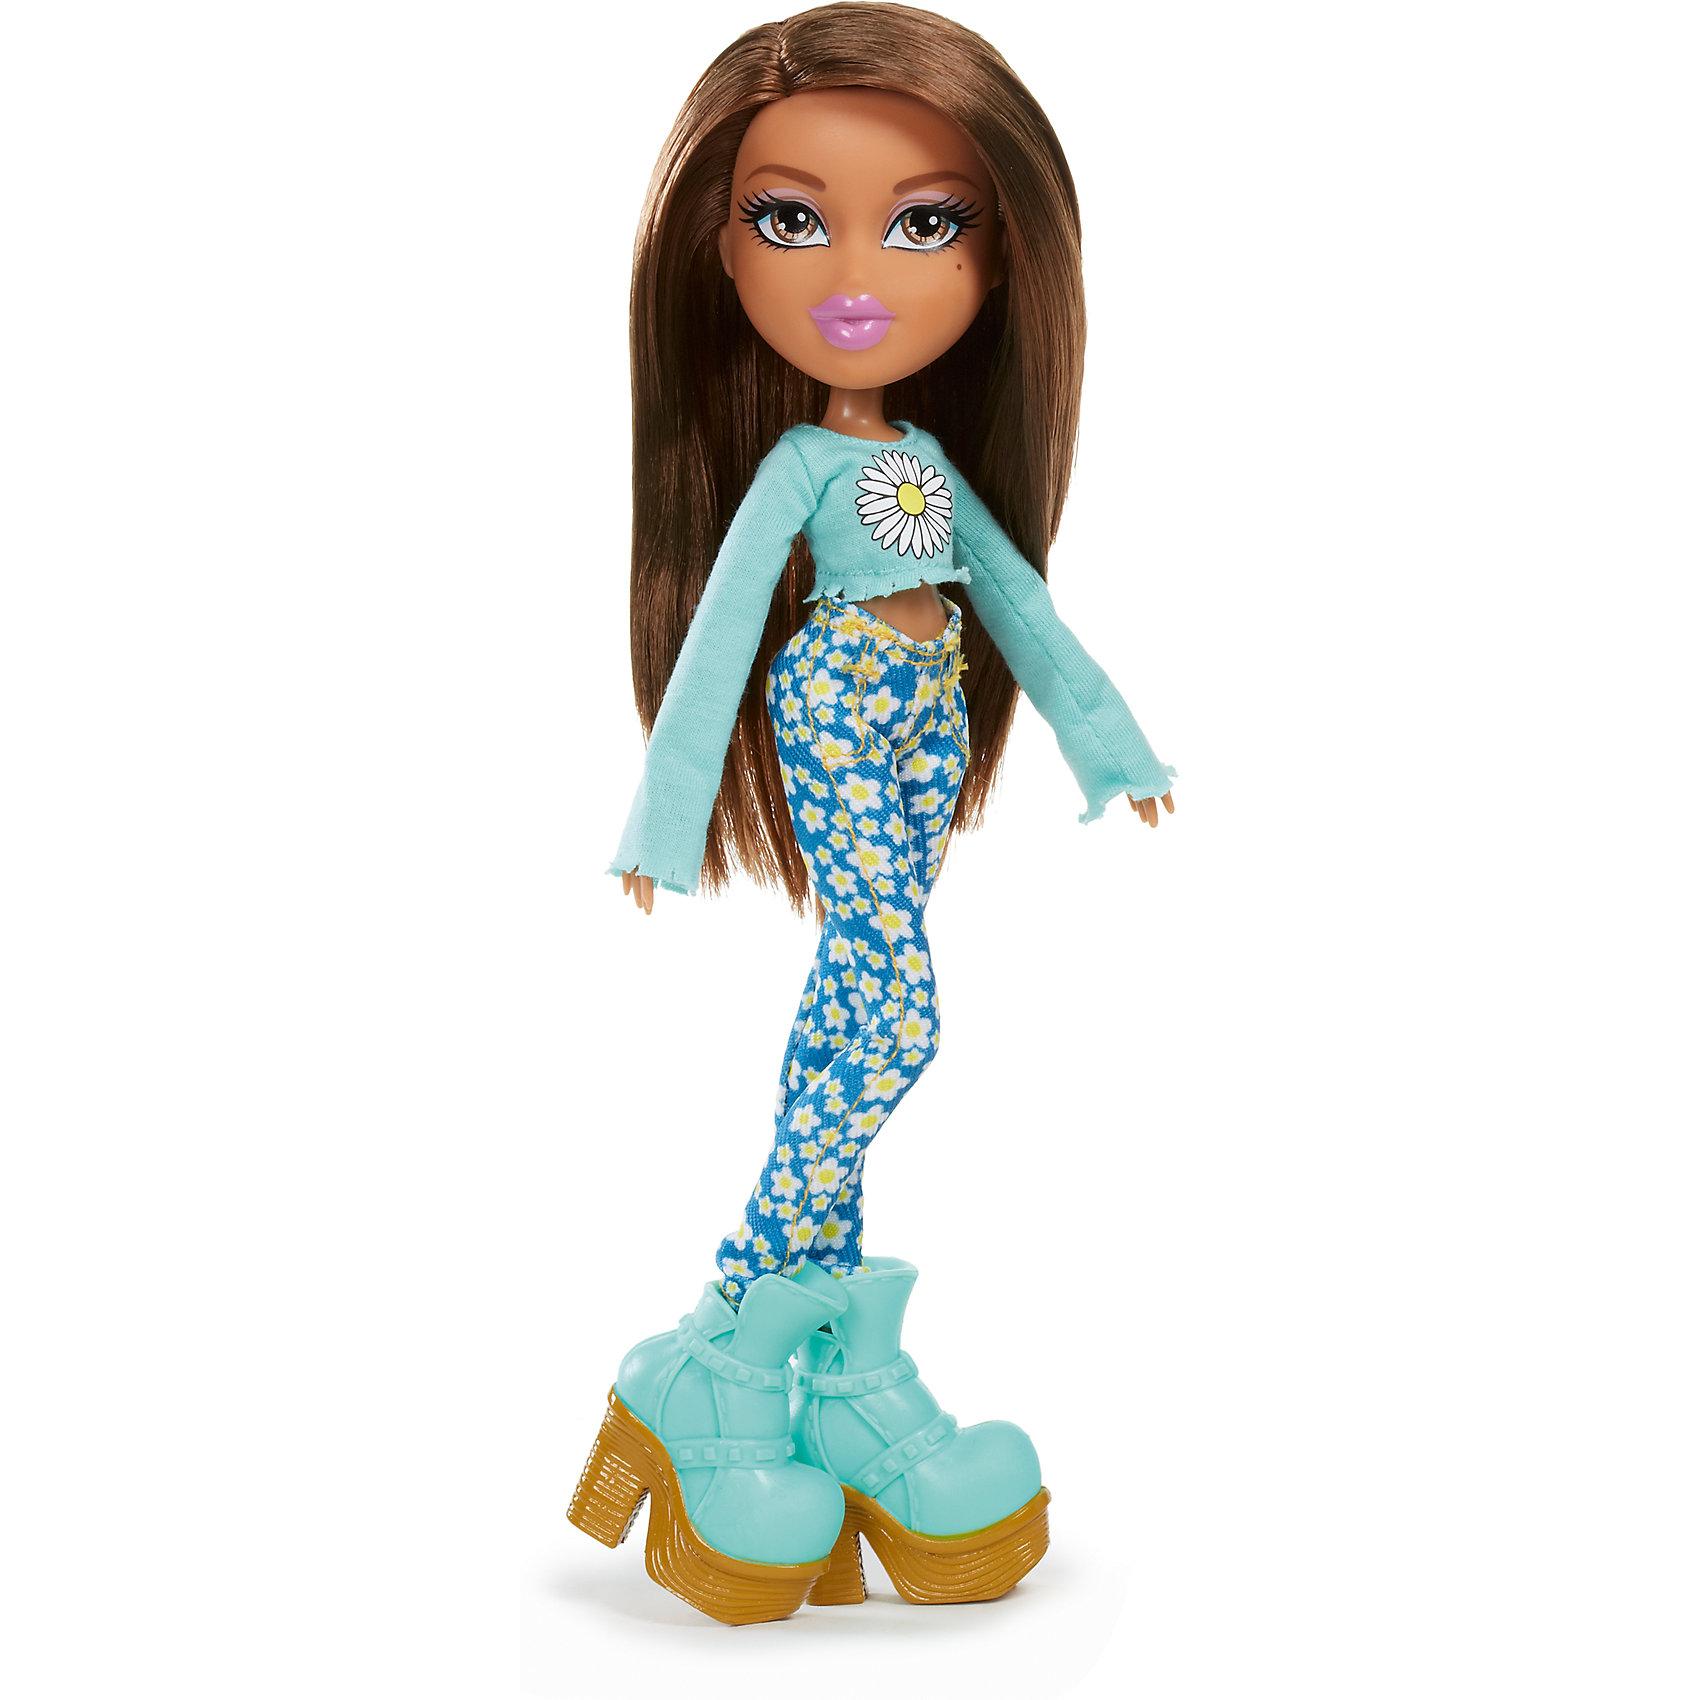 Кукла делюкс Жасмин, Диджей, BratzКуклы-модели<br>Характеристики товара:<br><br>- цвет: разноцветный;<br>- материал: пластик;<br>- подвижные части тела;<br>- комплектация: кукла, аксессуары;<br>- размер упаковки: 15х6х30 см.<br>- размер куклы: 27 см.<br><br>Эти симпатичные куклы диджеи-Bratz от известного бренда не оставят девочку равнодушной! Какая девочка сможет отказаться поиграть с куклами, которым можно менять образ благодаря набору аксессуаров?! В комплект входит одежда и аксессуары для куклы-диджея. Игрушка очень качественно выполнена, поэтому она станет замечательным подарком ребенку. <br>Продается набор в красивой удобной упаковке. Изделие произведено из высококачественного материала, безопасного для детей.<br><br>Куклу делюкс Жасмин, Диджей, от бренда Bratz можно купить в нашем интернет-магазине.<br><br>Ширина мм: 160<br>Глубина мм: 310<br>Высота мм: 70<br>Вес г: 4000<br>Возраст от месяцев: 72<br>Возраст до месяцев: 2147483647<br>Пол: Женский<br>Возраст: Детский<br>SKU: 5141876